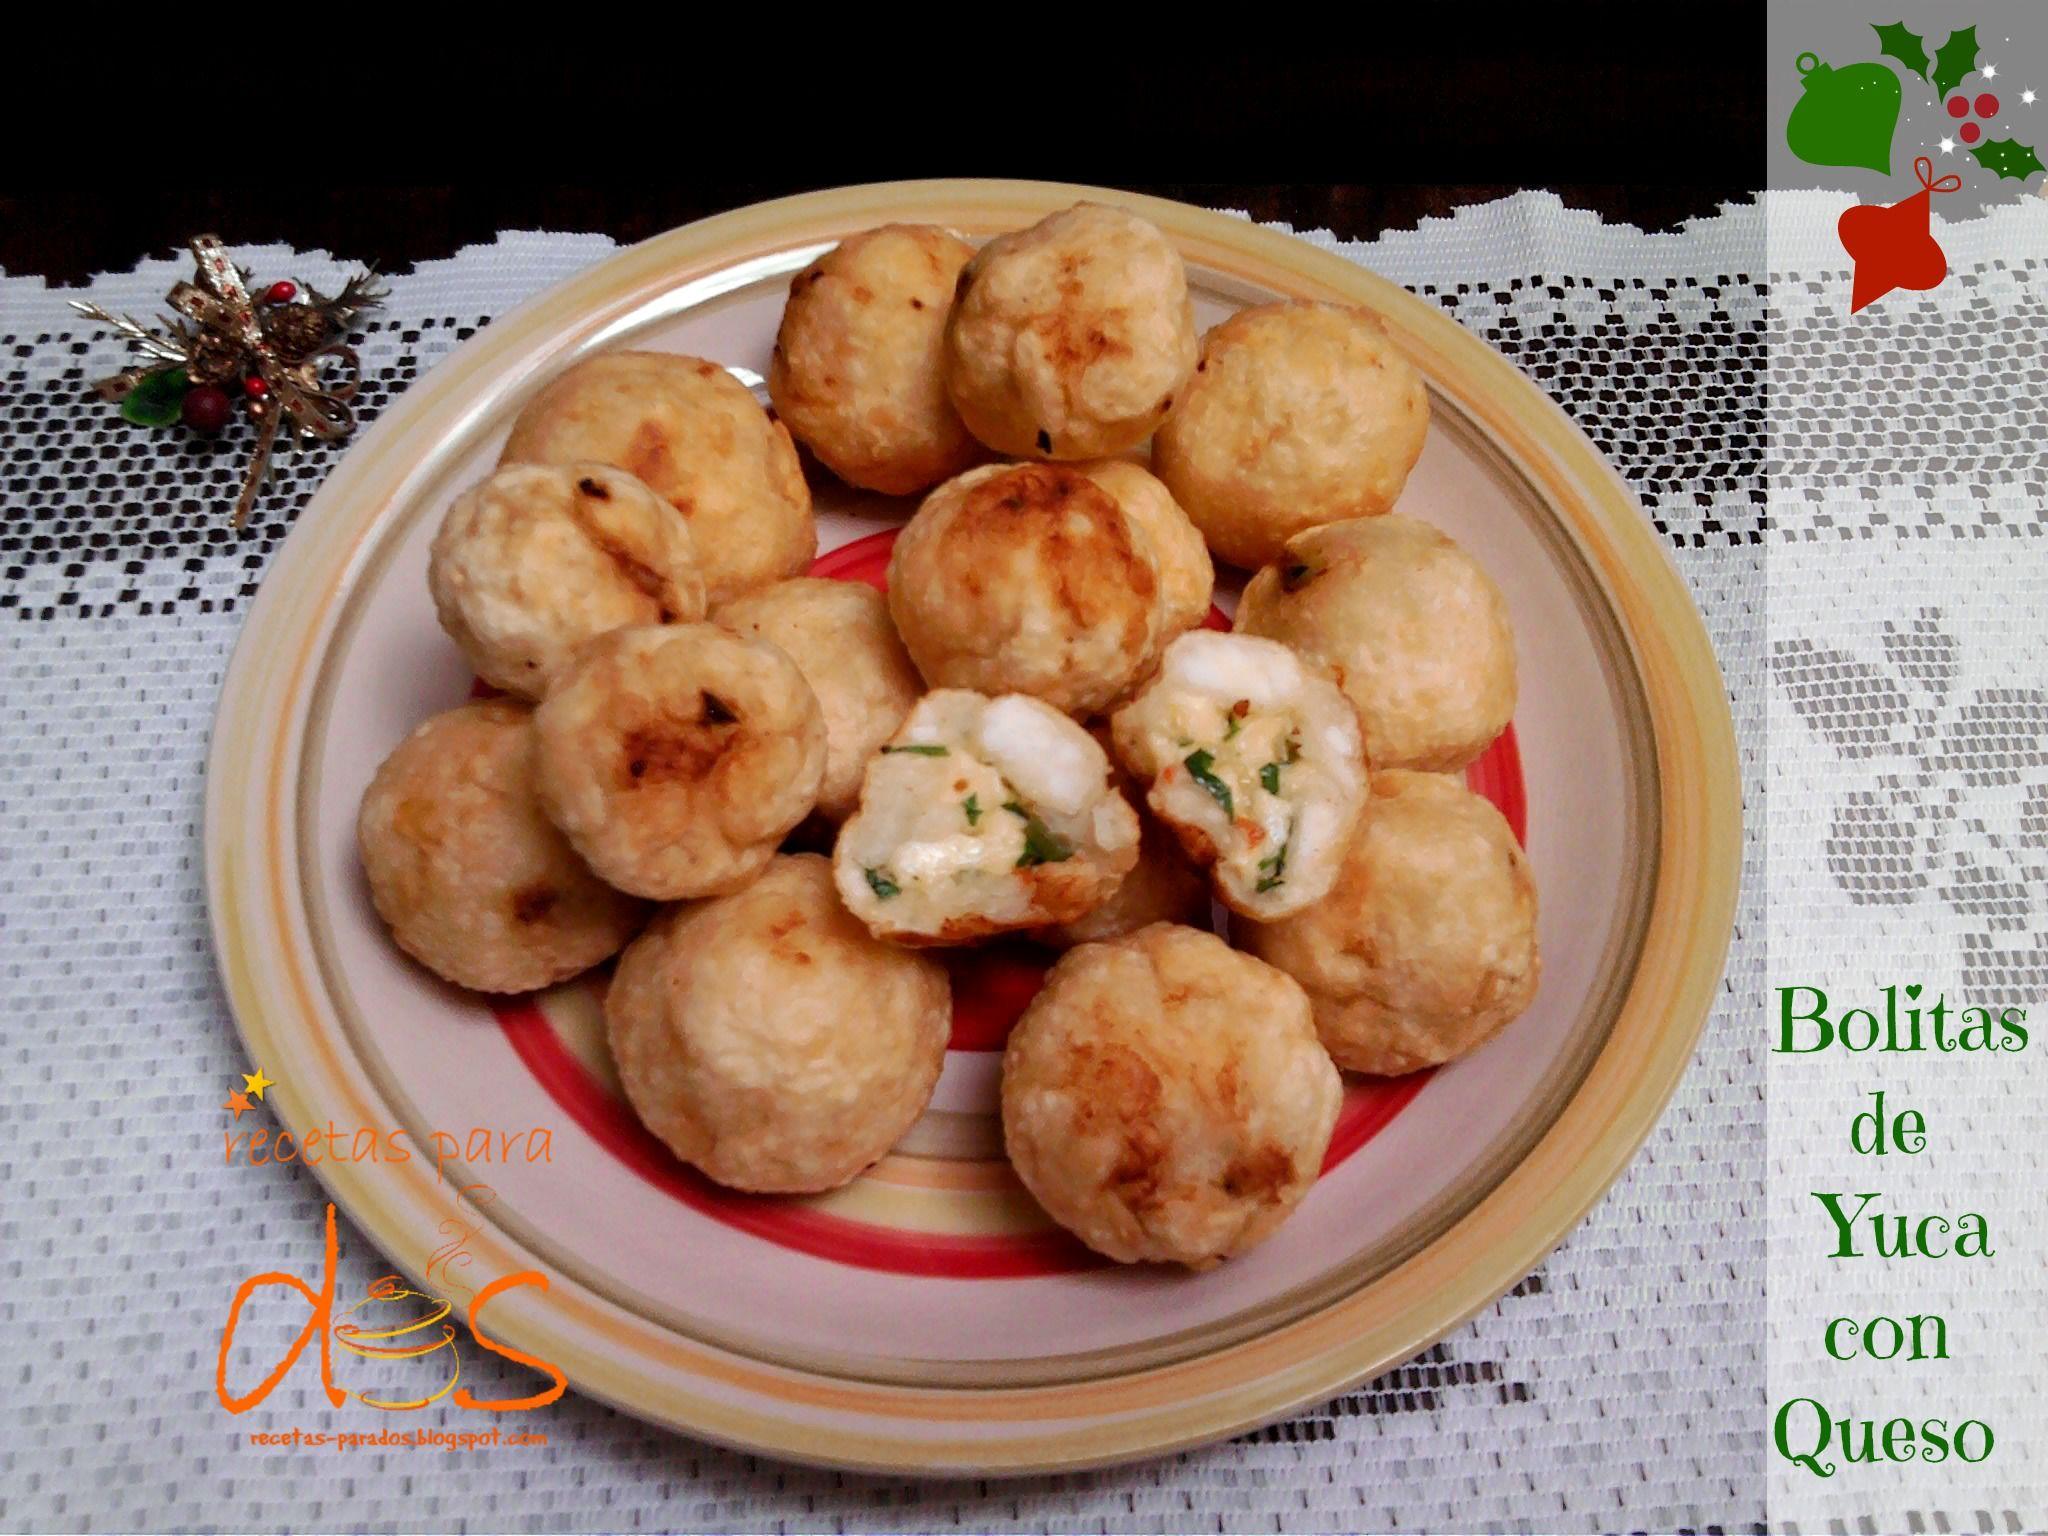 Si buscas una boquita (aperitivo, entremés) estas bolitas de yuca con queso son una  opción. Receta en este enlace http://recetas-parados.blogspot.com/2014/12/bolitas-de-yuca-con-queso.html